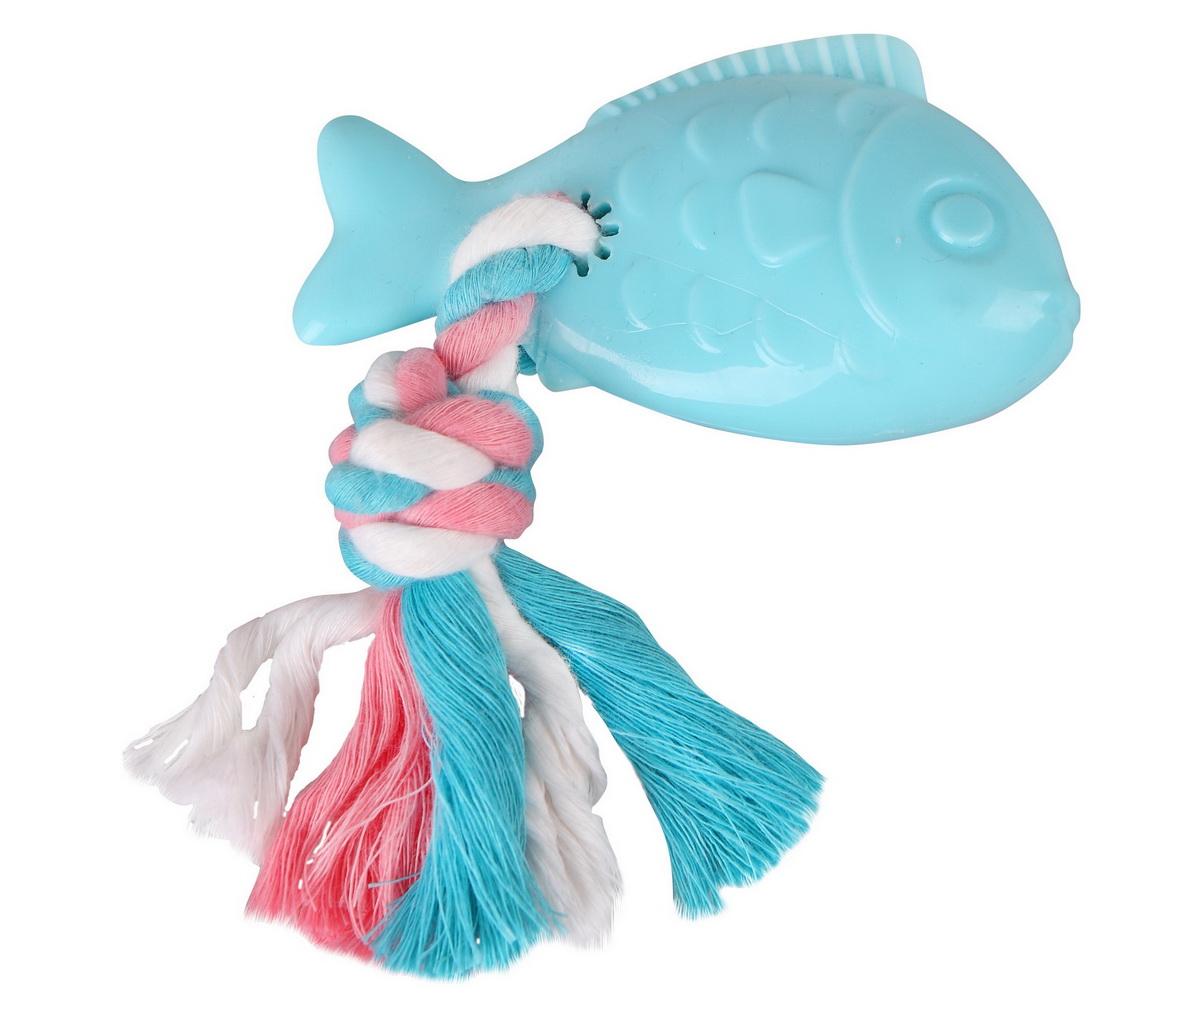 Игрушка для собак Dezzie Рыба с веревкой, 10 х 10 см0120710Игрушка для собак Dezzie Рыба с веревкой выполнена из резины в виде рыбы с текстильной веревкой. Резиновые игрушки для щенков и собак мелких пород - это отличный подарок активному питомцу, чьи хозяева заботятся о его здоровье и правильном развитии. Игрушки из мягкой резины из безопасного и прочного материала созданы специально с учетом анатомических особенностей мелких собак, поэтому их легко и приятно будет грызть маленькой пасти животного. Эластичность мягкой резины и специальные выступы на поверхности игрушек не травмируют челюсть животного и способствуют тренировке жевательных мышц, очищению зубов и массажу десен собаки. Увлекательная структура игрушек позволит вашему питомцу надолго занять свой досуг.Размер игрушки: 10 х 10 см.